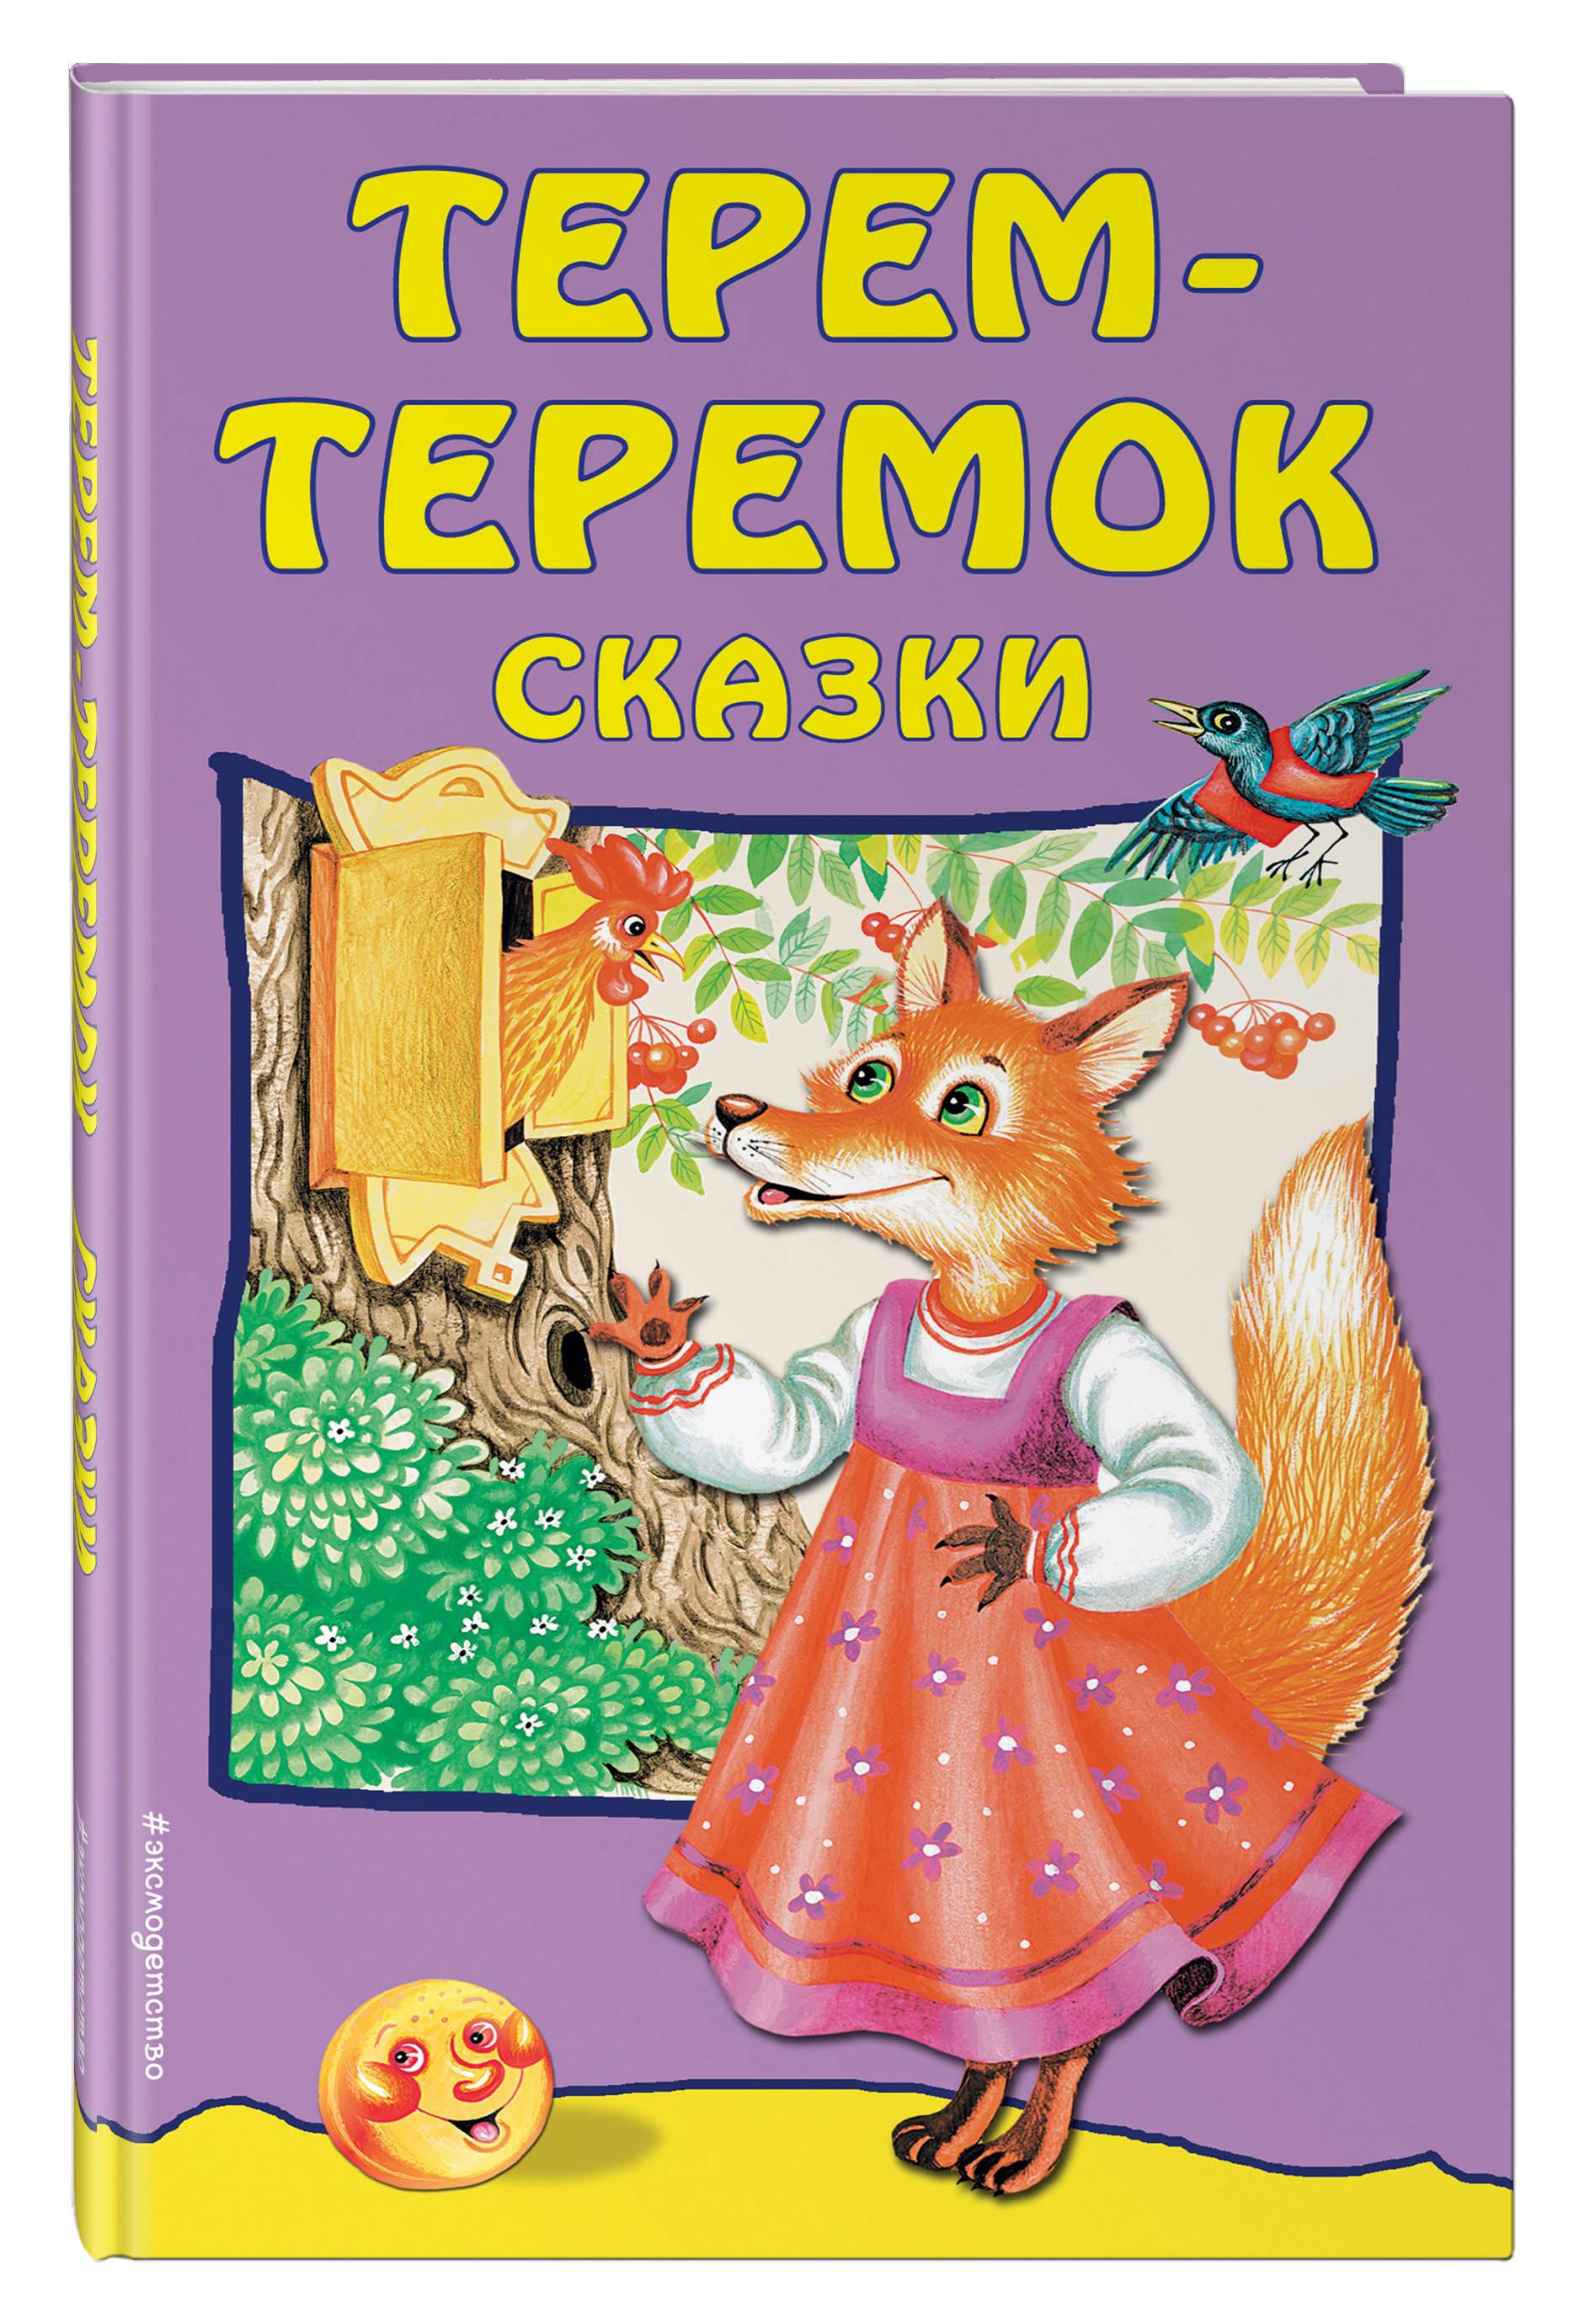 Терем-теремок: сказки